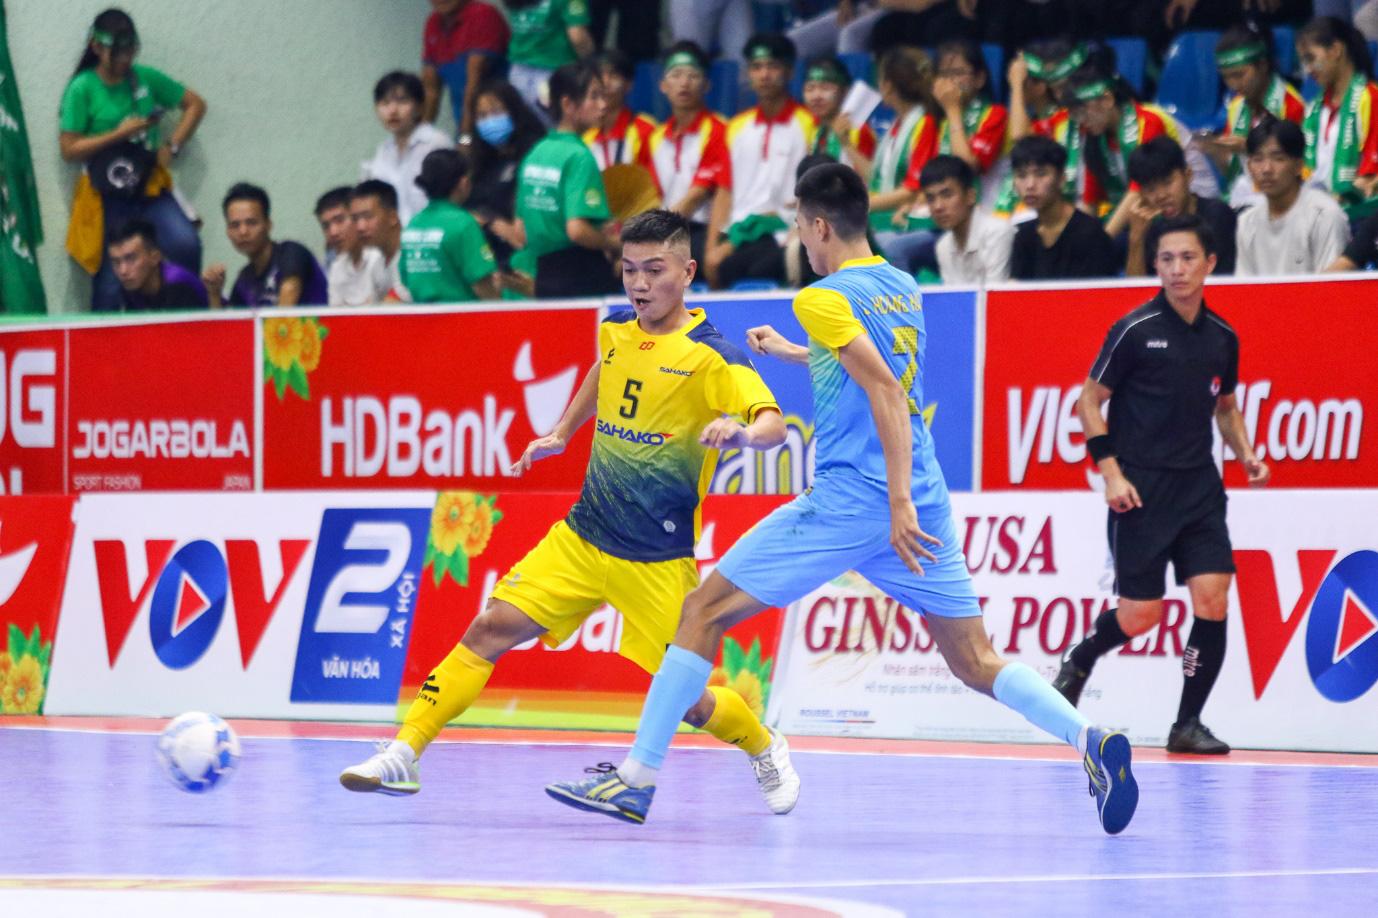 Nhờ đâu mà đội tuyển futsal Việt Nam lọt vào vòng 1/8 World Cup? - Ảnh 1.